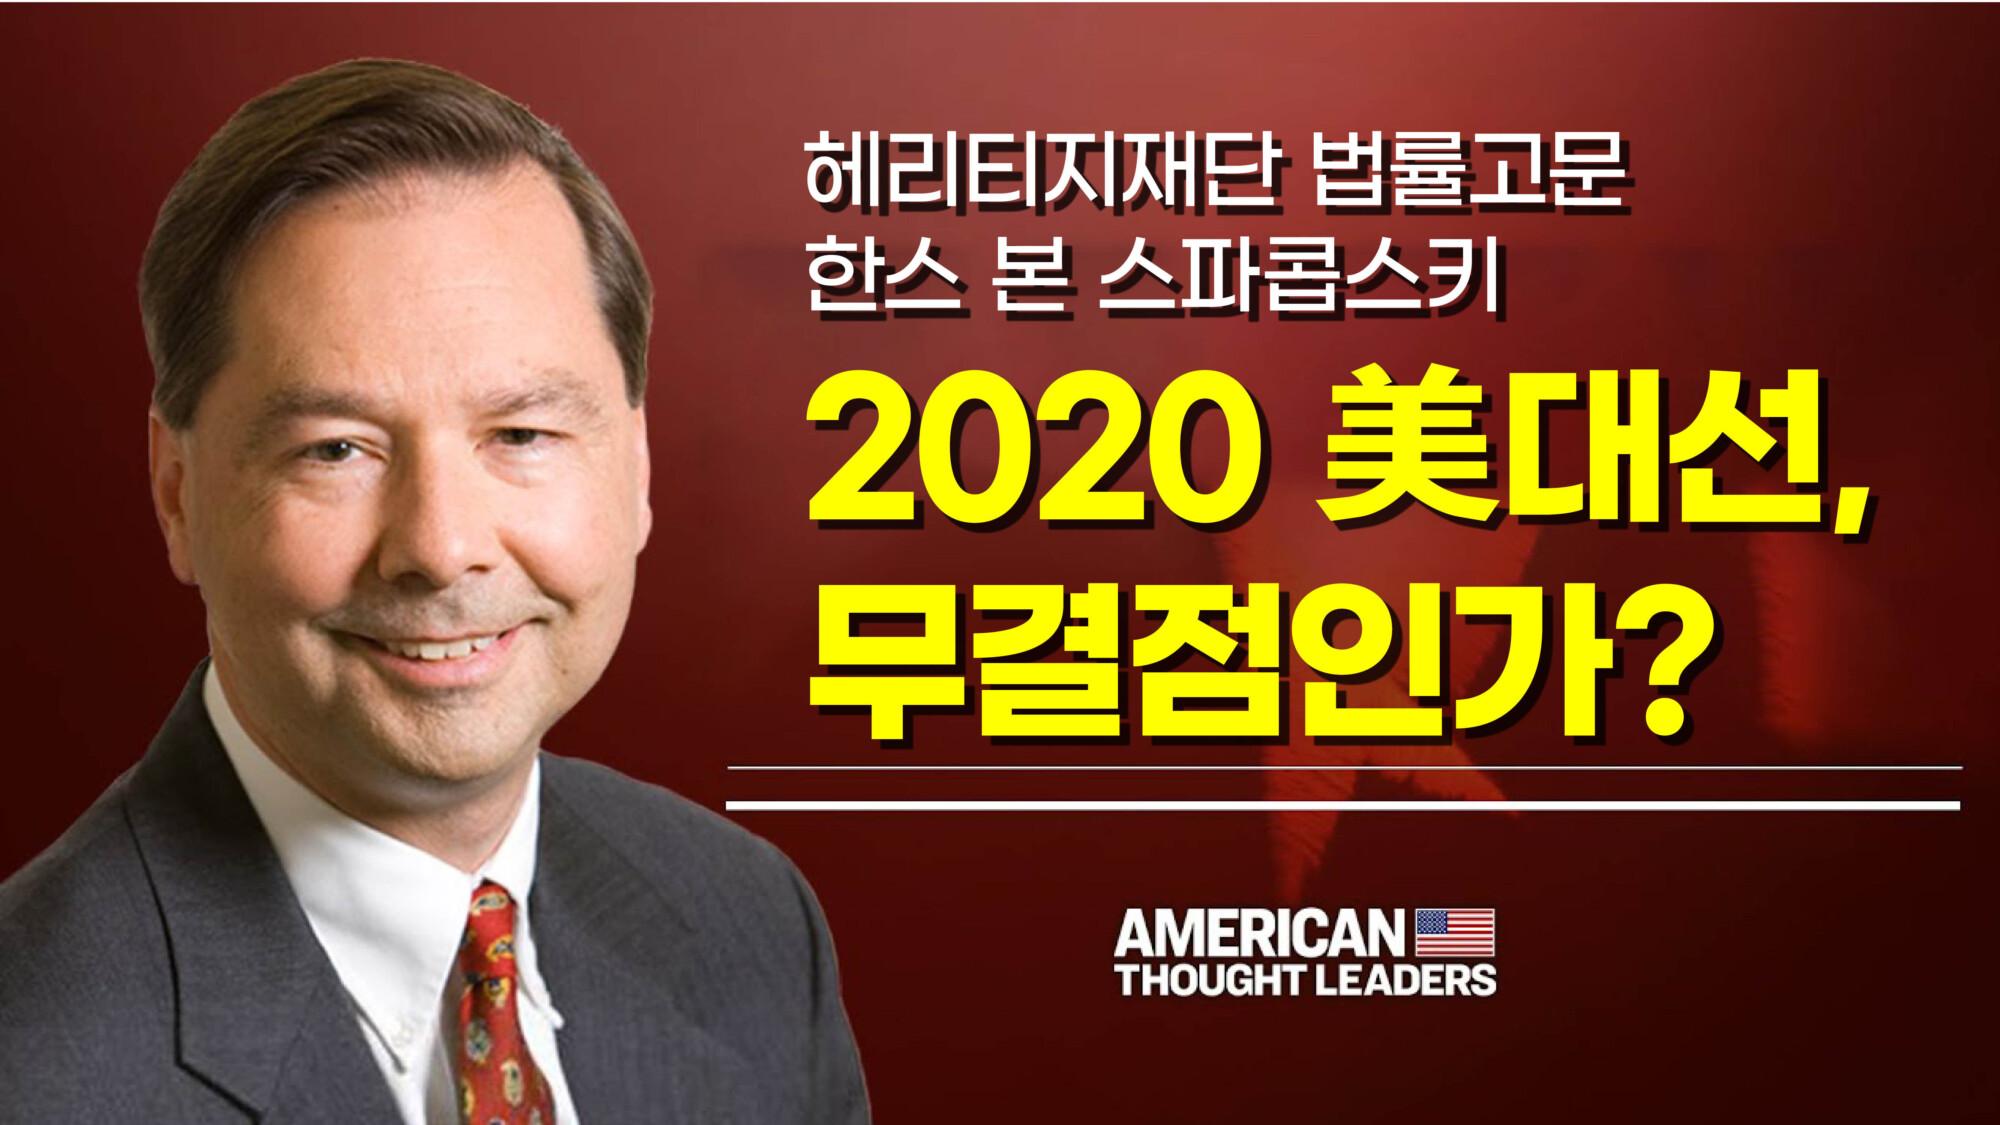 """""""2020 美 대선, 과연 무결점인가?"""".. 헤리티지재단 한스 본 스파콥스키 인터뷰 (자막)"""